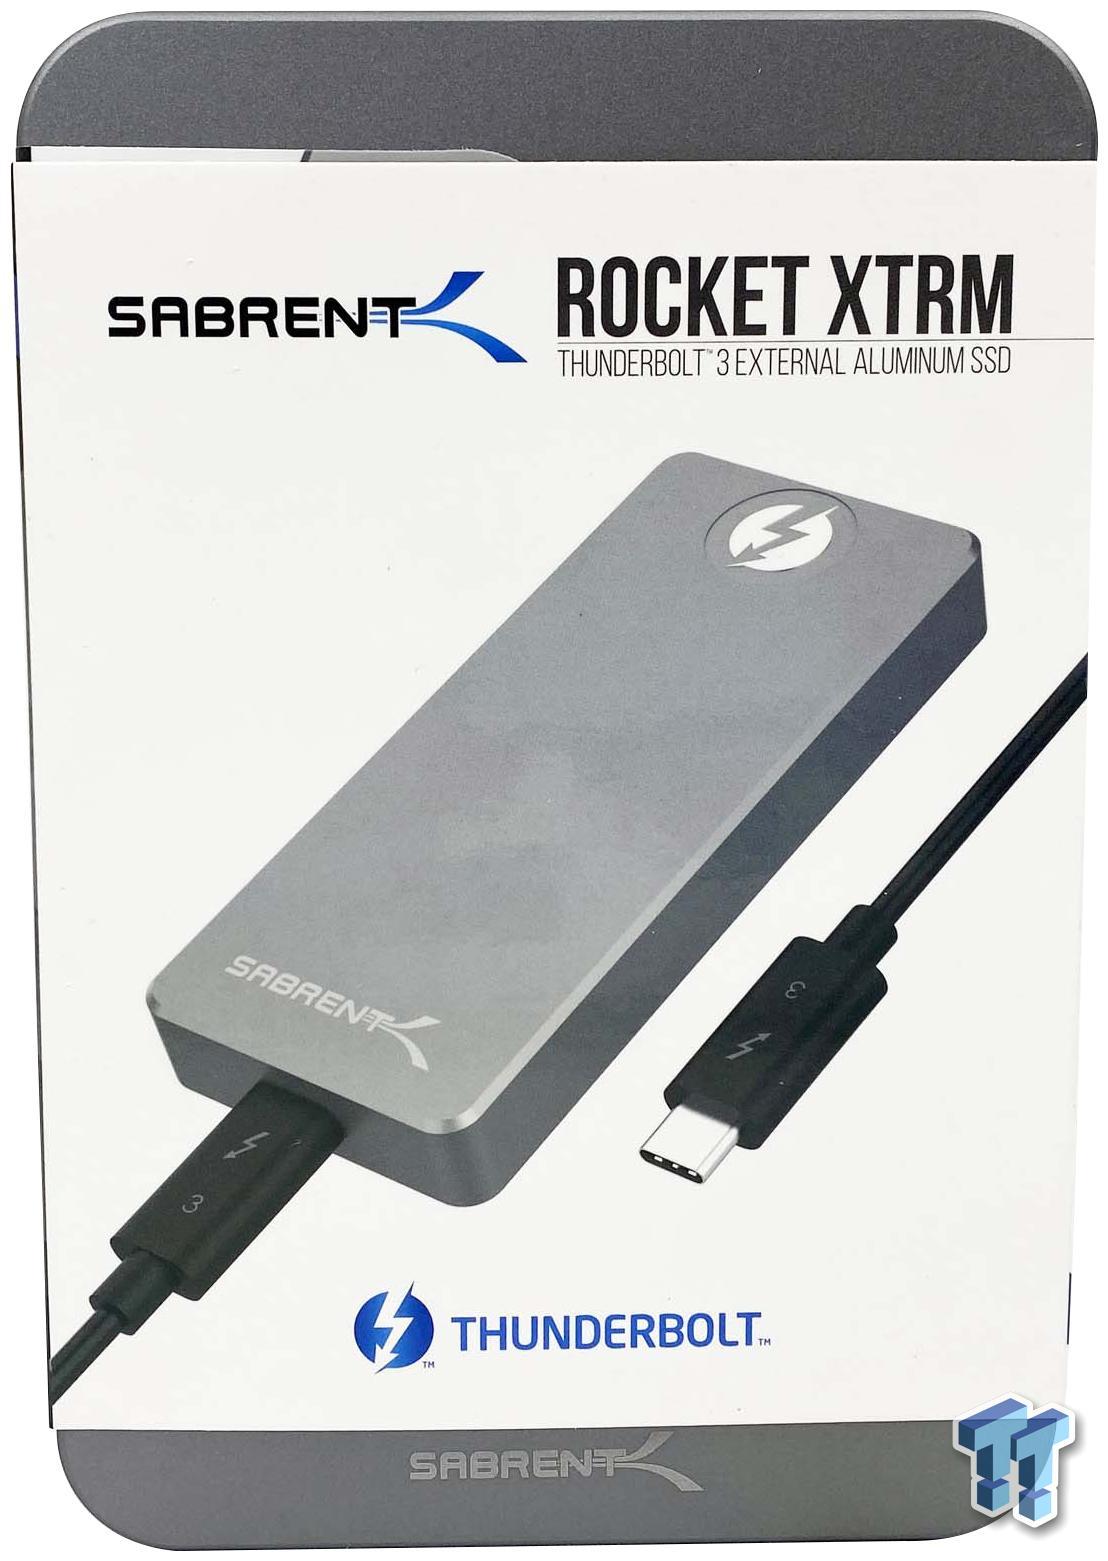 SB-XTRM-1TB Sabrent Rocket XTRM 1TB Thunderbolt 3 Externe SSD